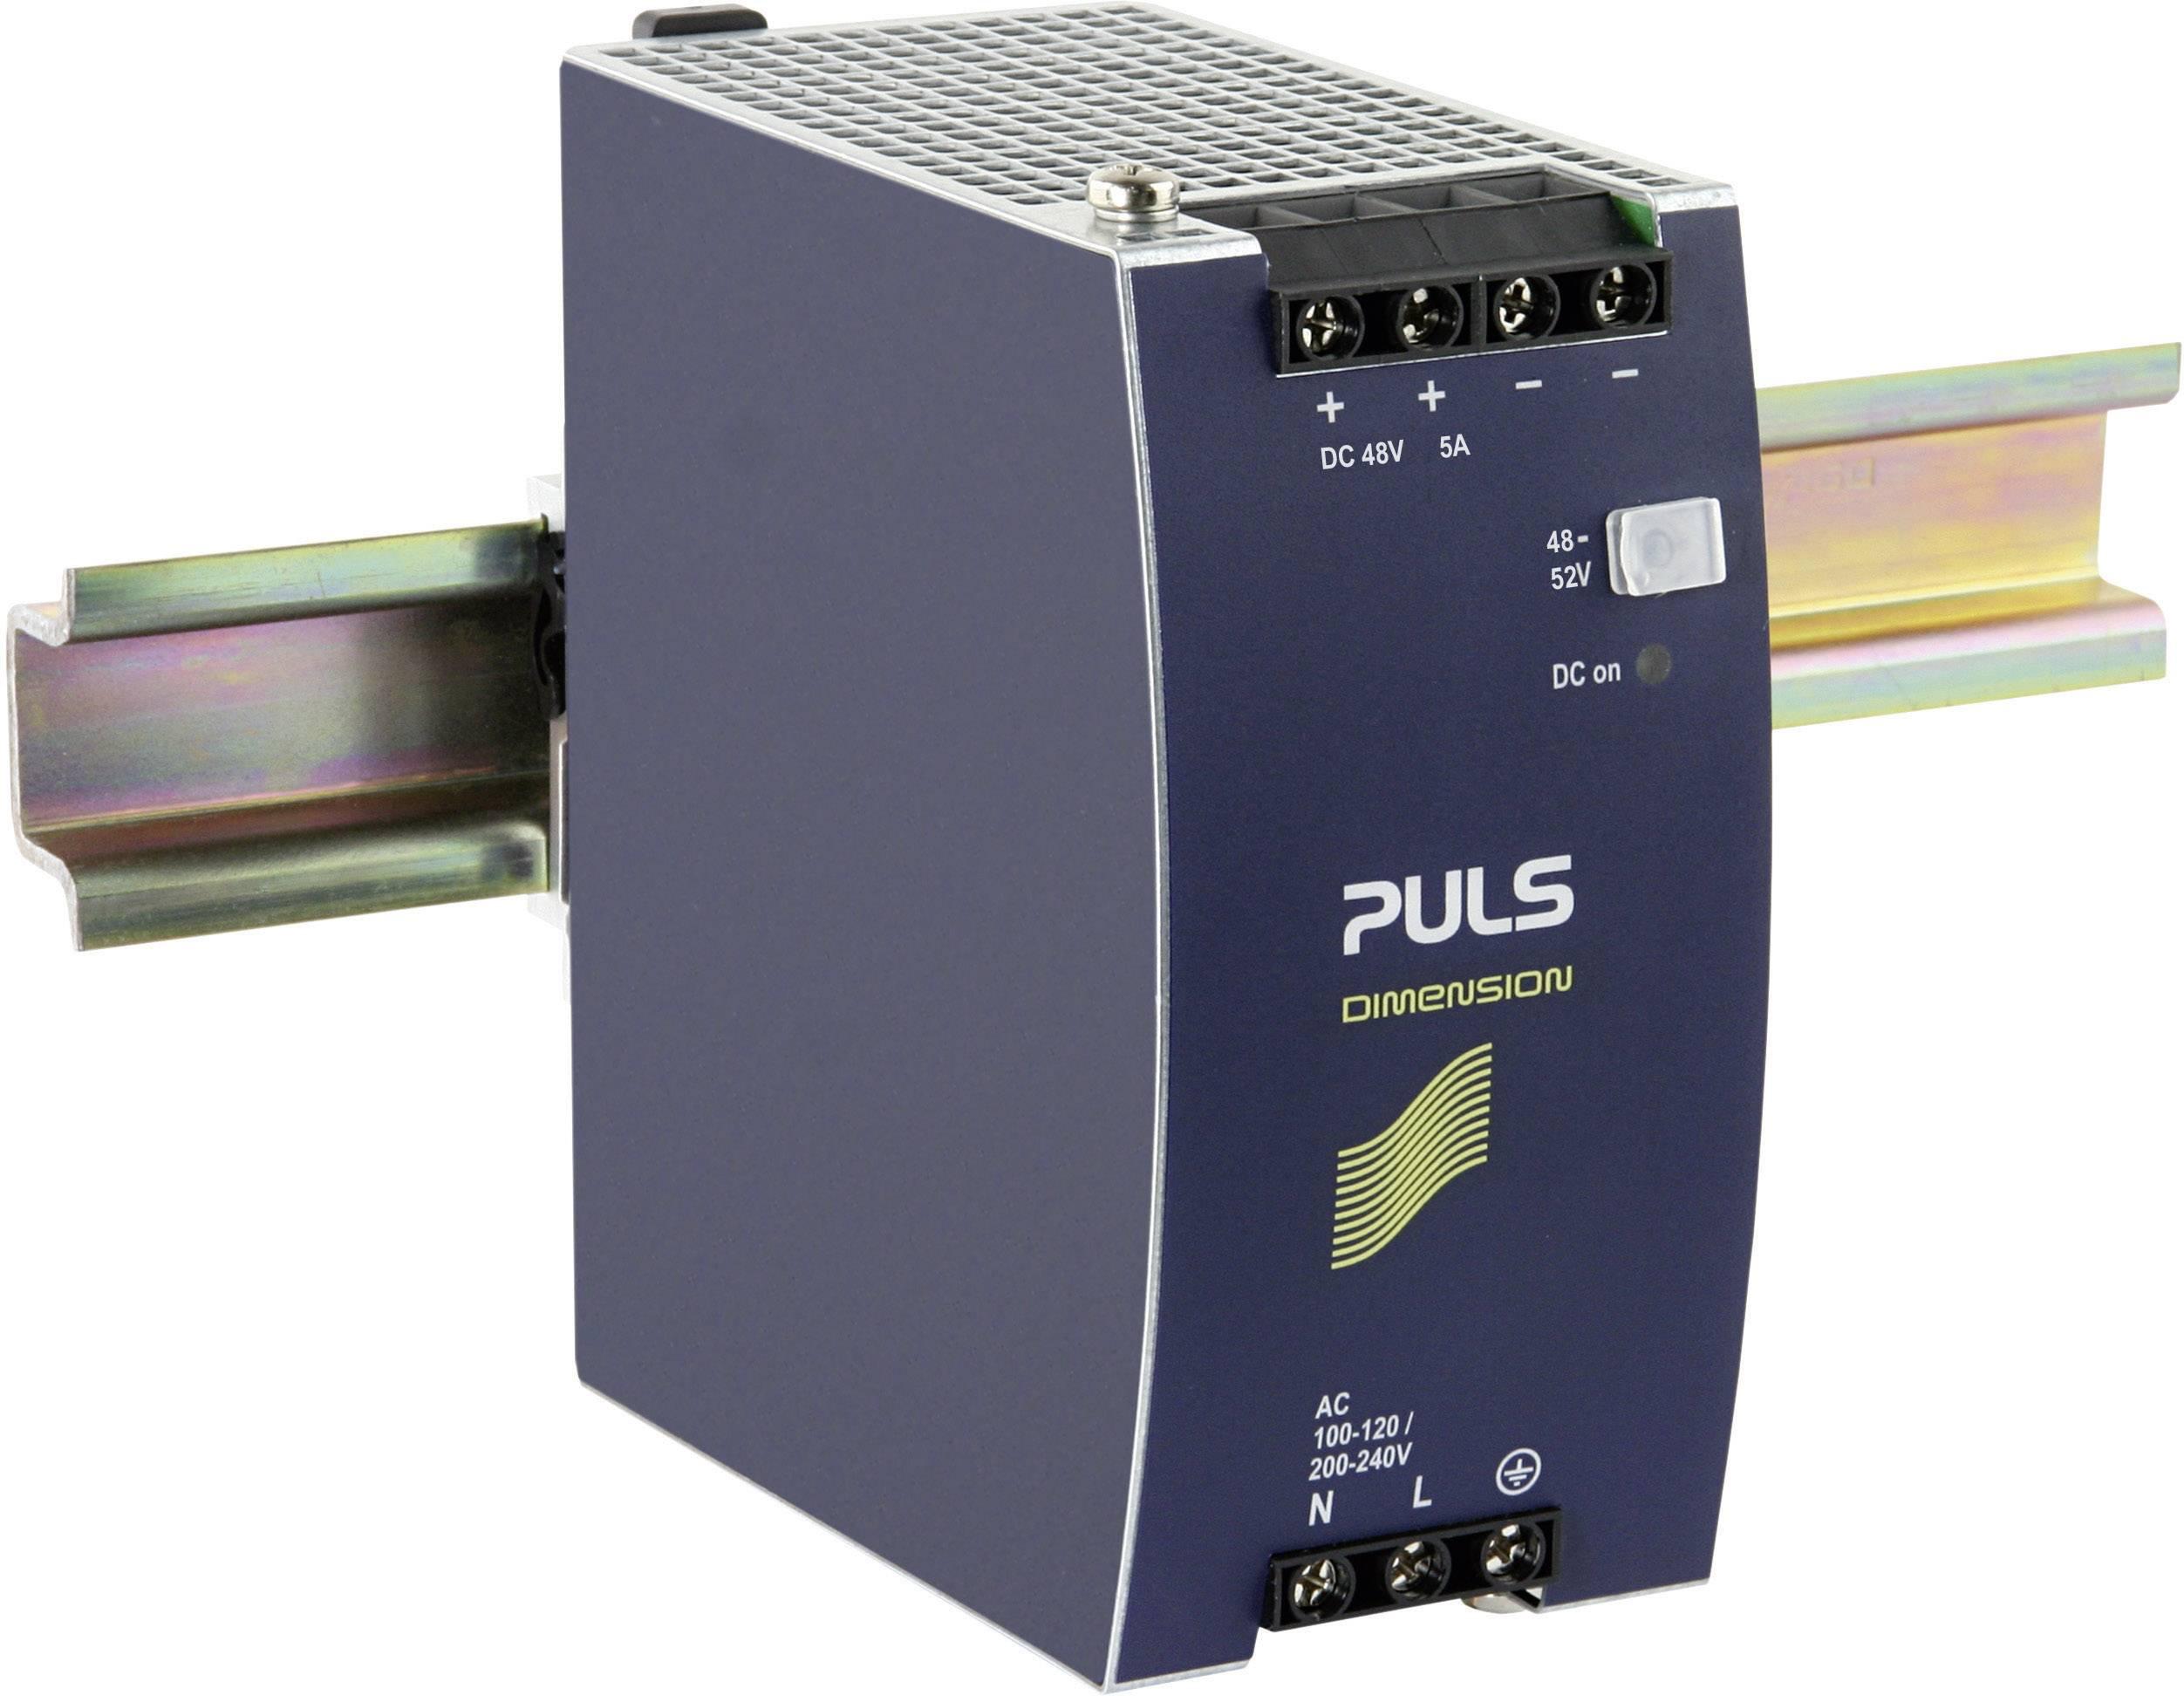 Sieťový zdroj na montážnu lištu (DIN lištu) PULS DIMENSION CS10.481, 1 x, 48 V/DC, 5 A, 240 W